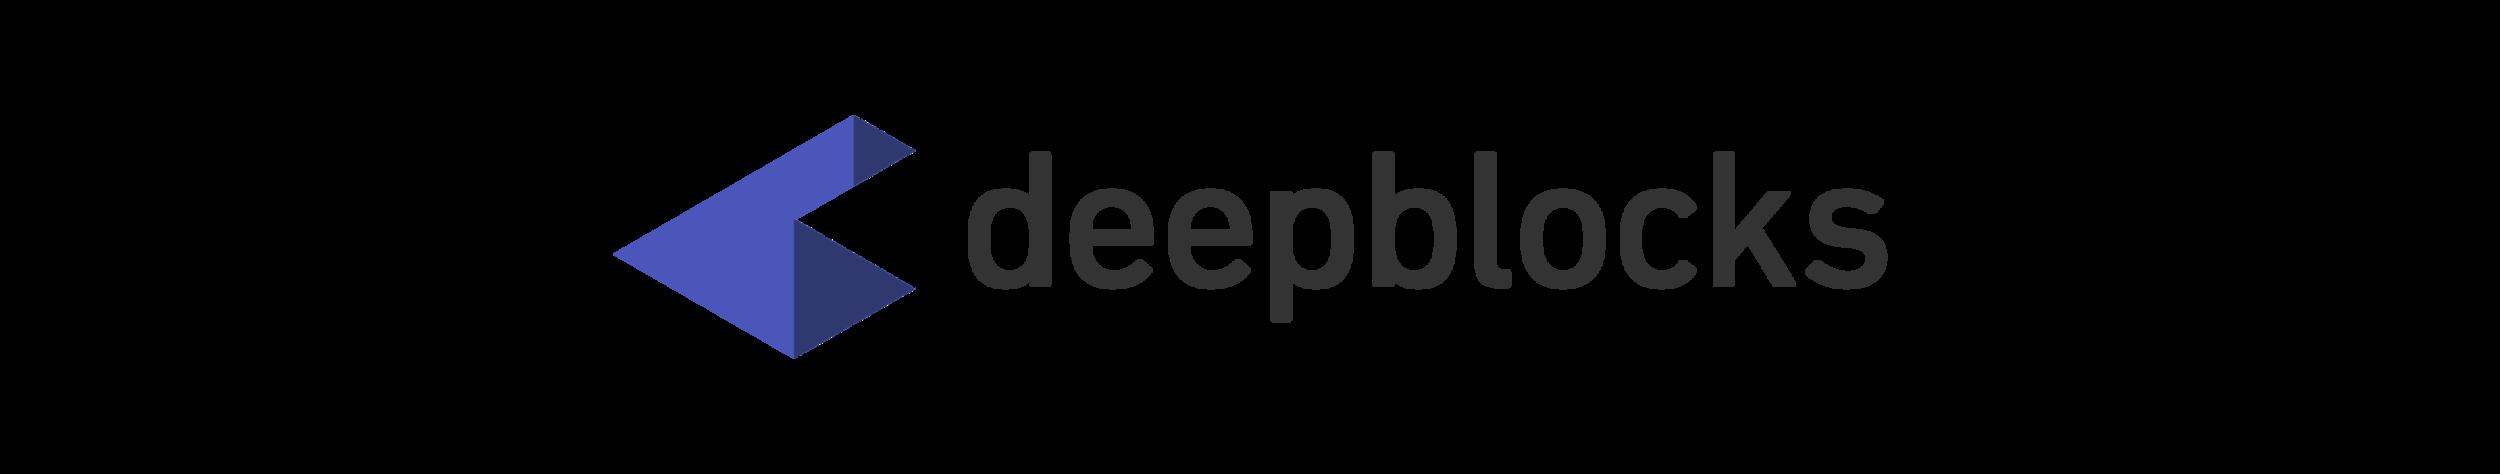 deepblocks-menu.png